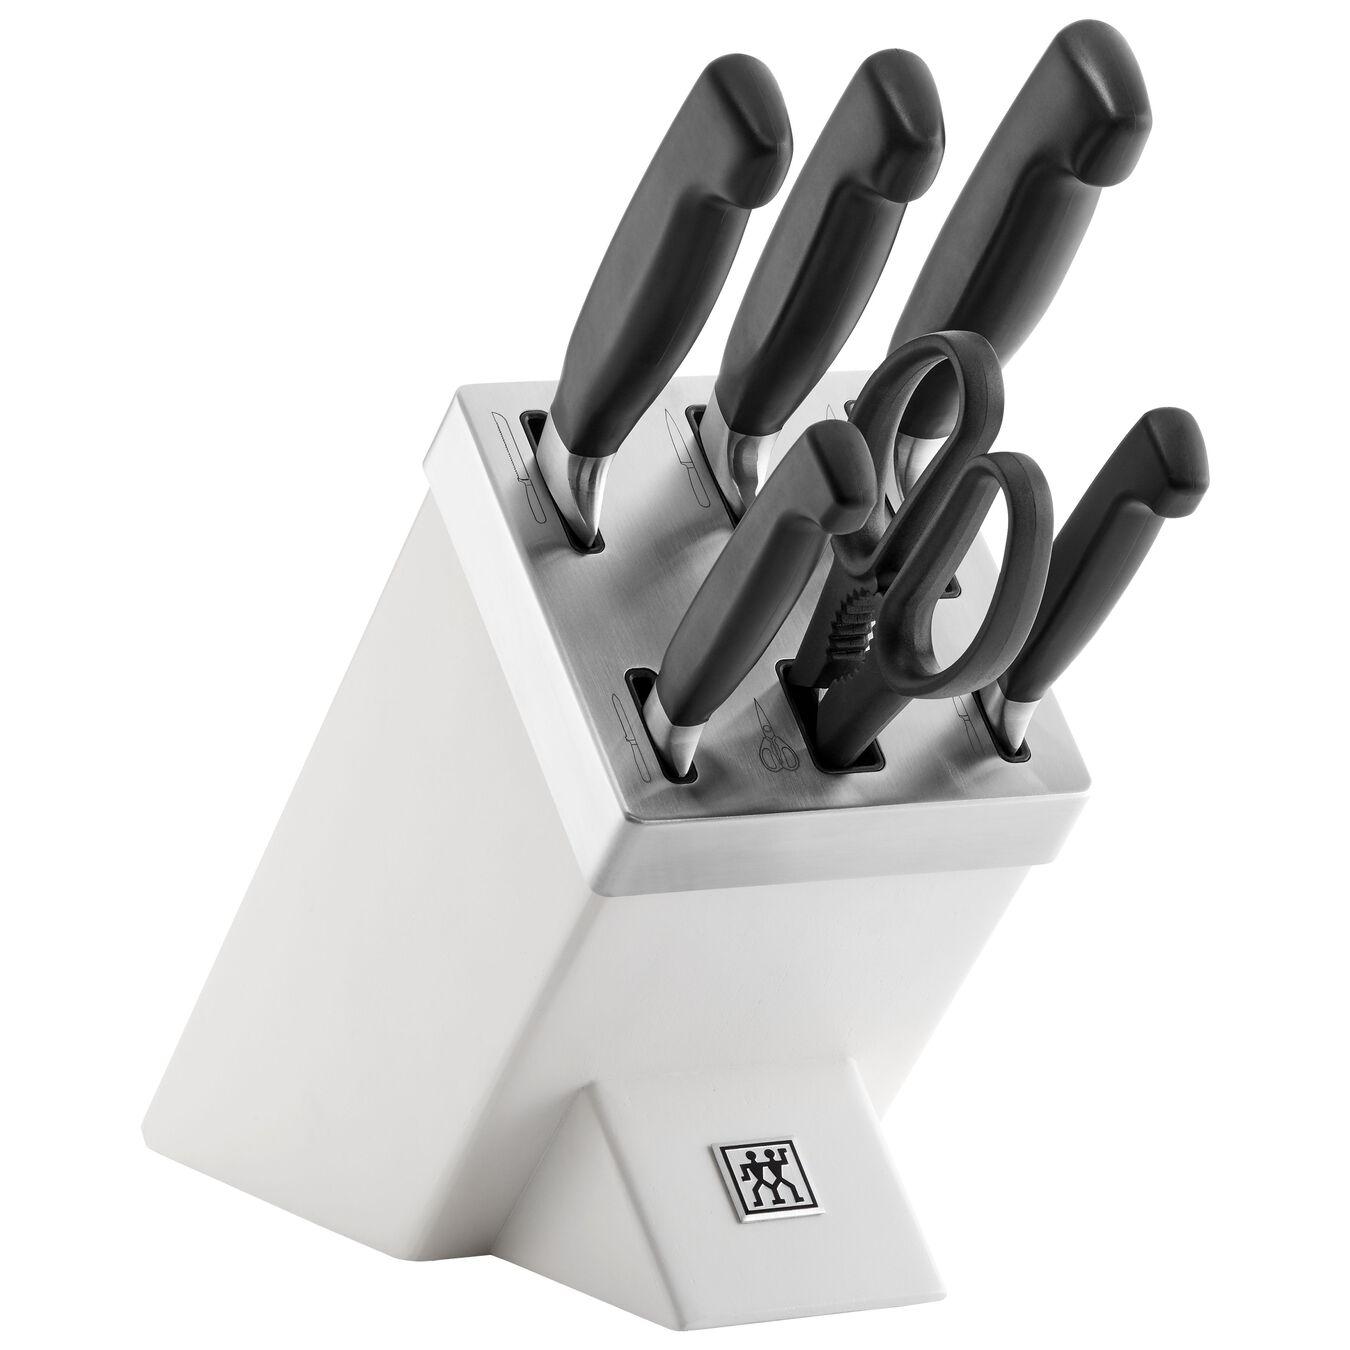 Set di coltelli con ceppo con sistema autoaffilante - 7-pz., bianco,,large 1